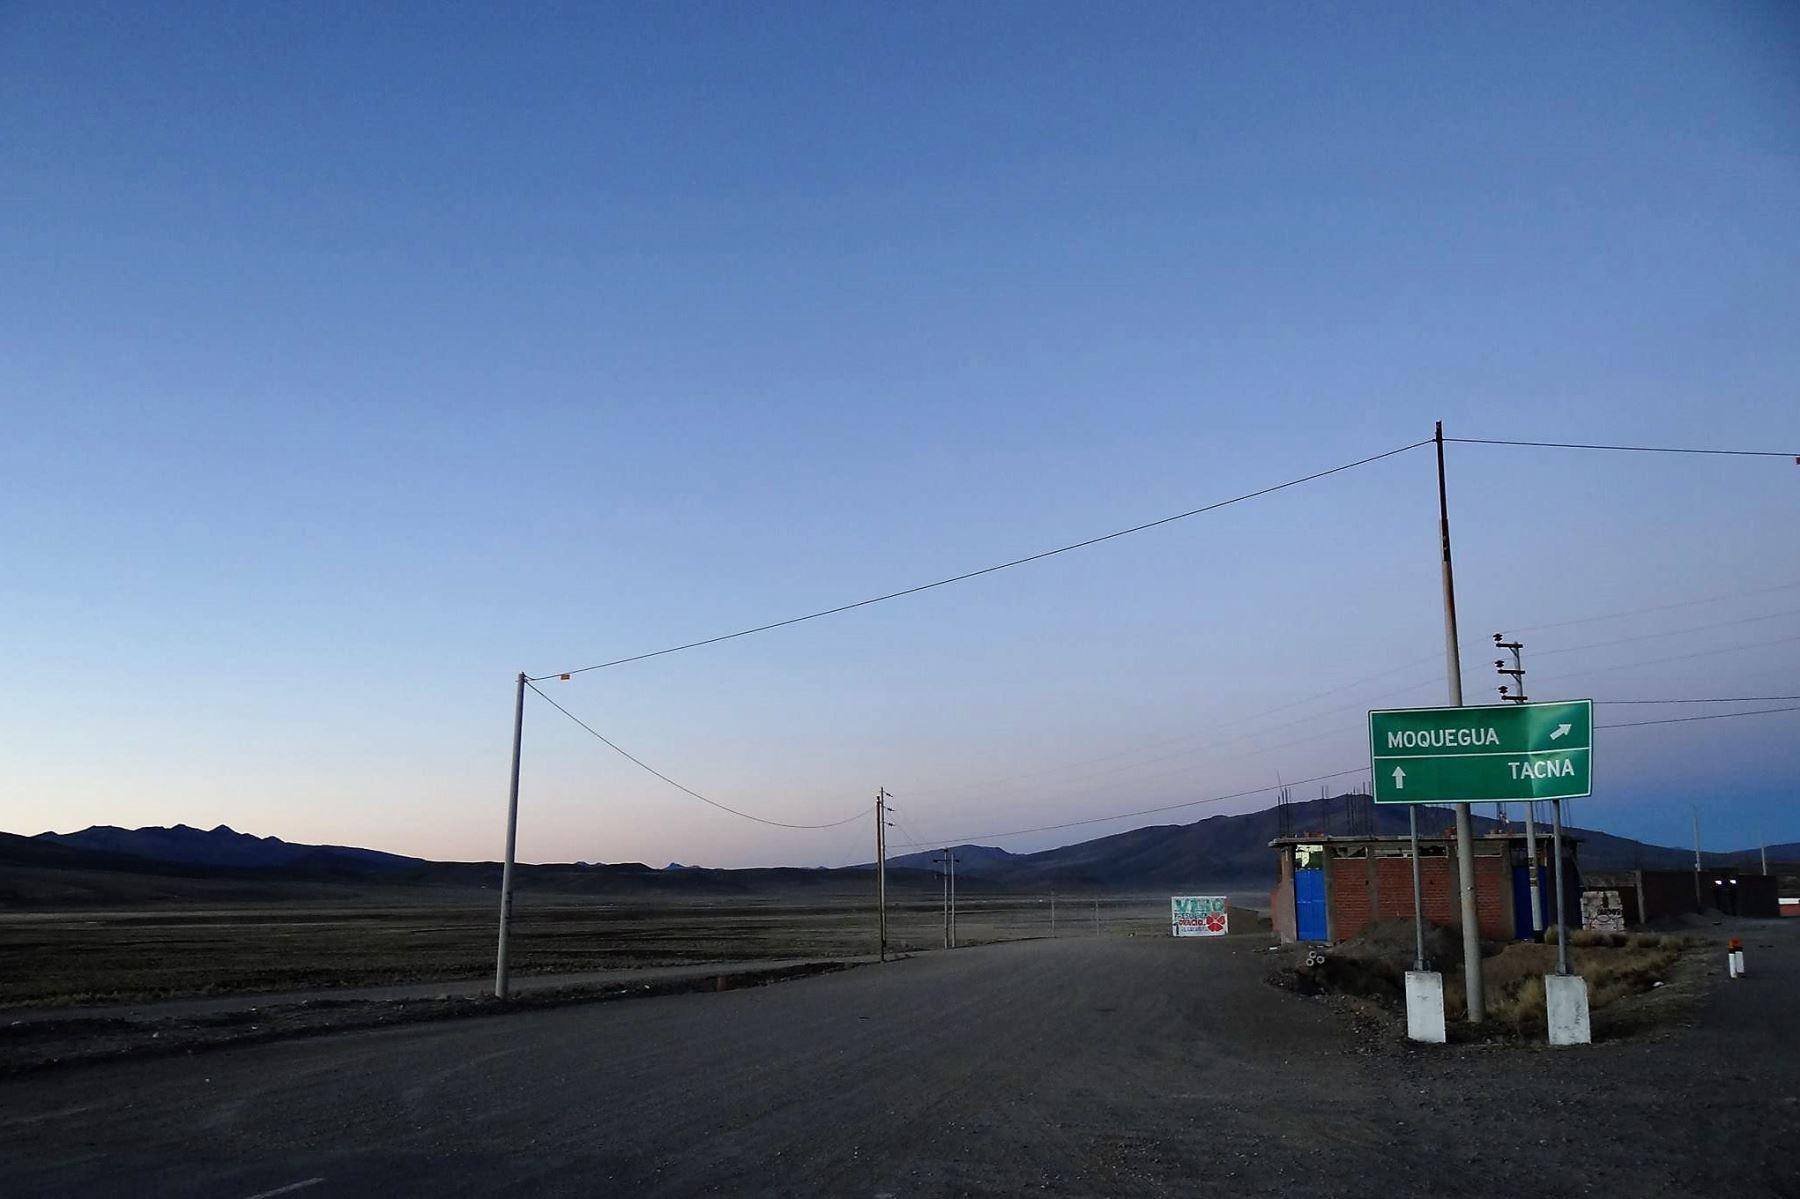 El Servicio Nacional de Meteorología e Hidrología (Senamhi) informó que, desde hoy hasta el miércoles 20 de junio, disminuirá la temperatura nocturna en la sierra centro y sur del país. ANDINA/Difusión